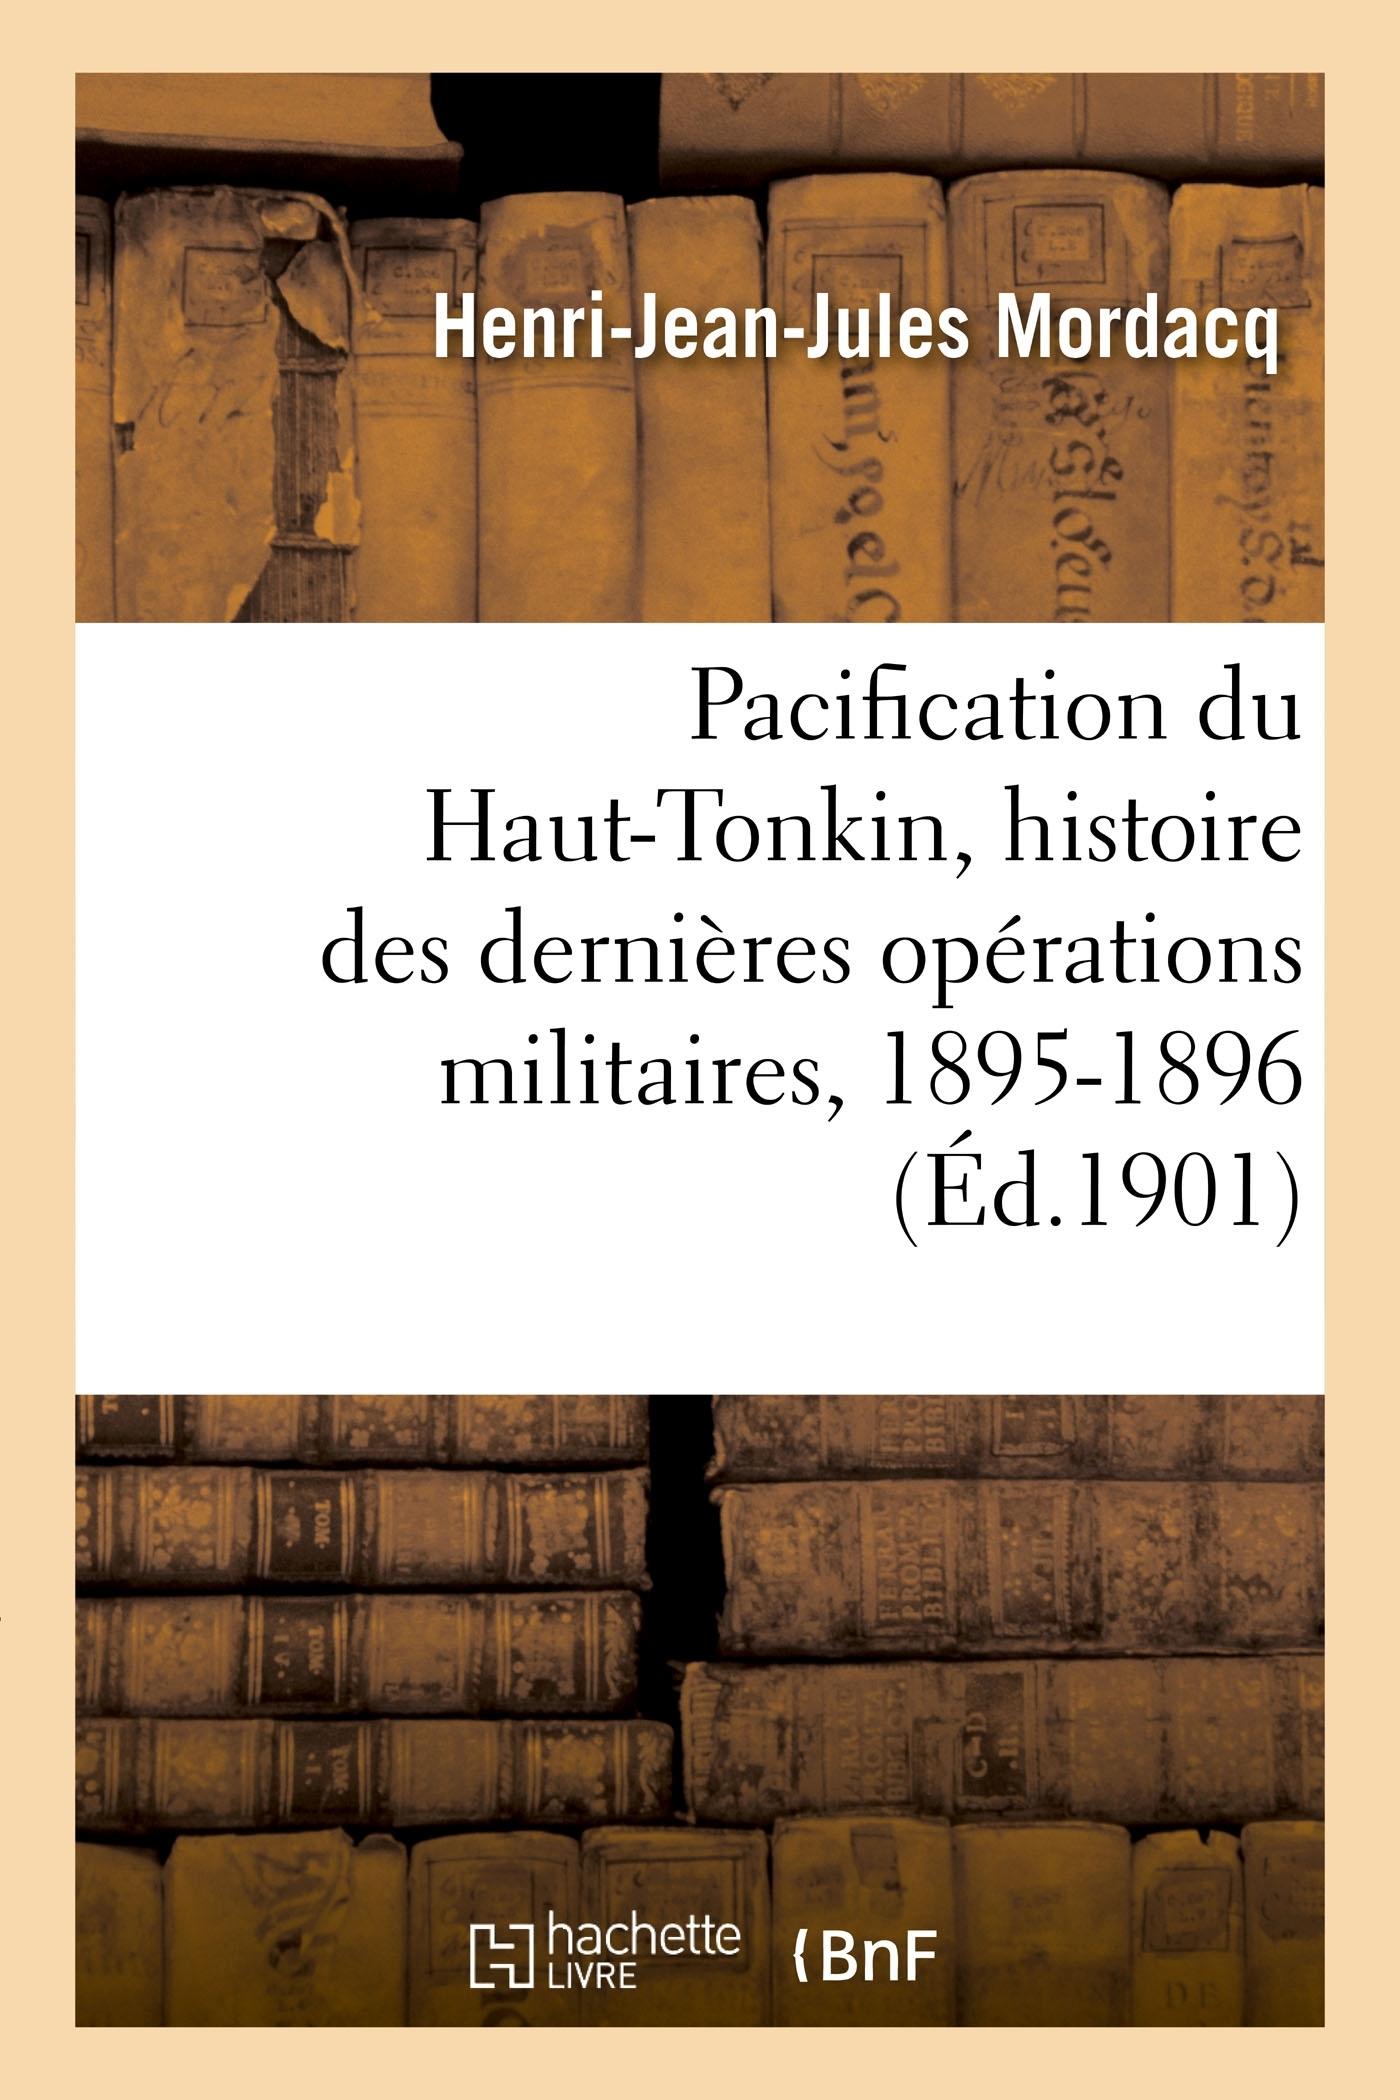 PACIFICATION DU HAUT-TONKIN, HISTOIRE DES DERNIERES OPERATIONS MILITAIRES